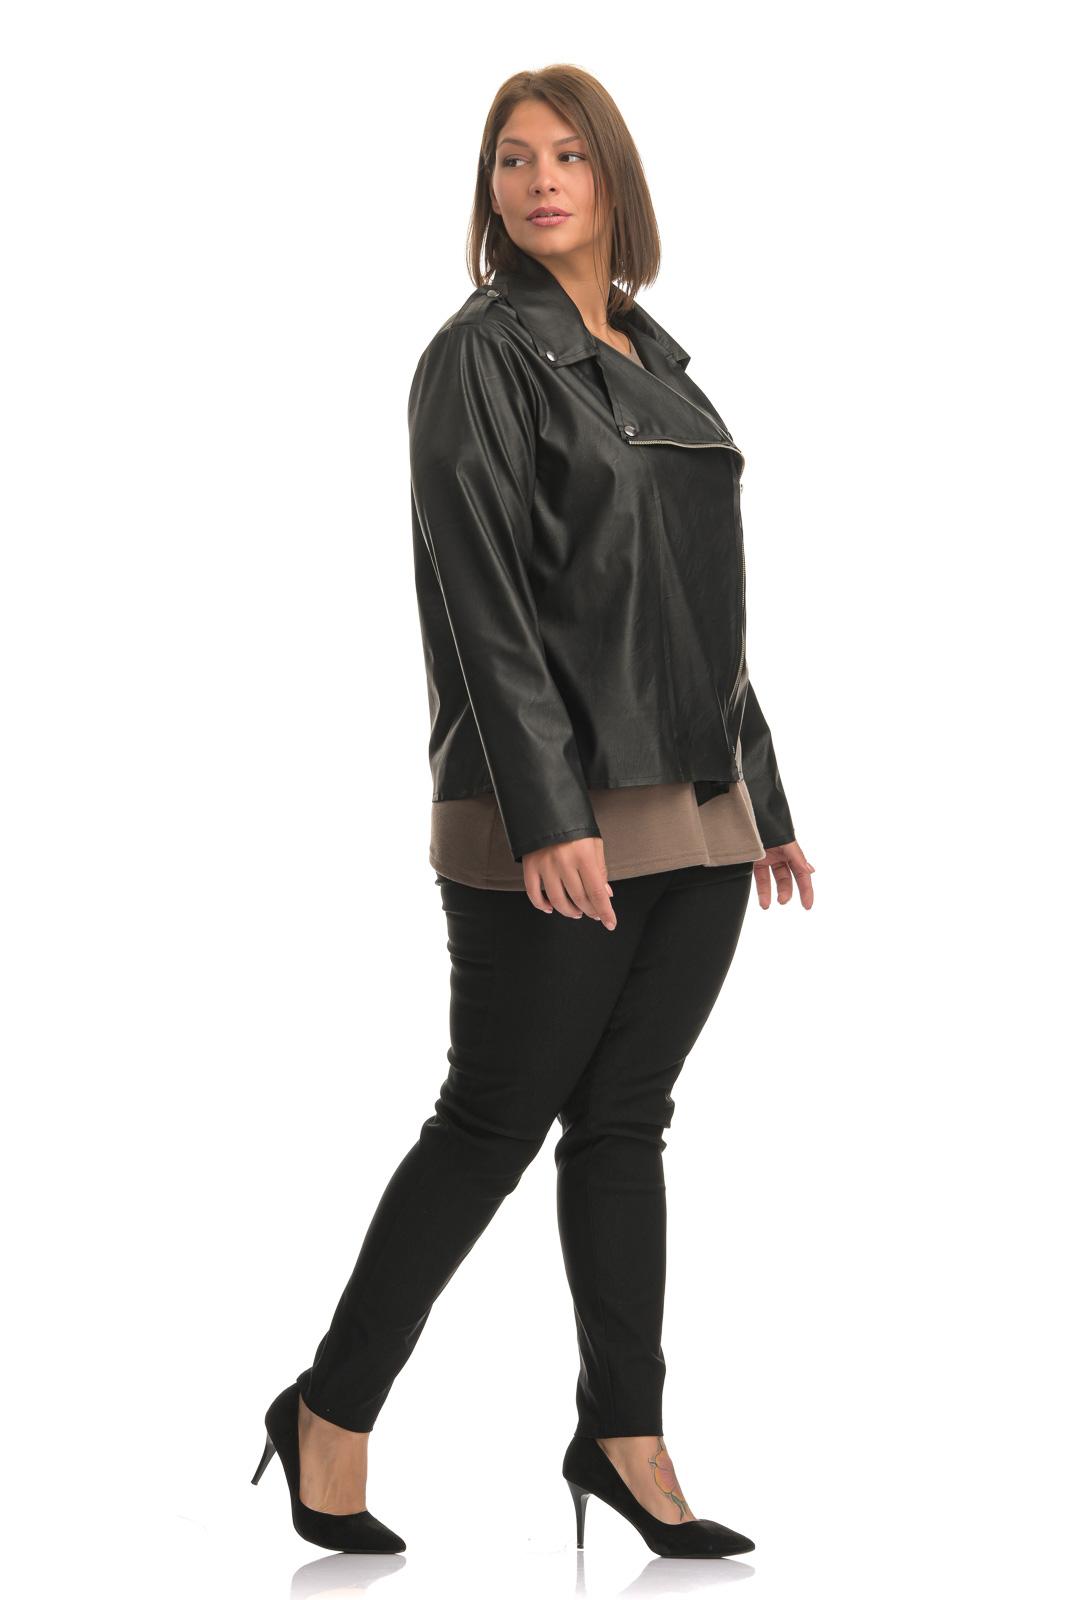 Jacket +Psx  ελαστικής δερματίνης μαύρο με λοξό φερμουάρ